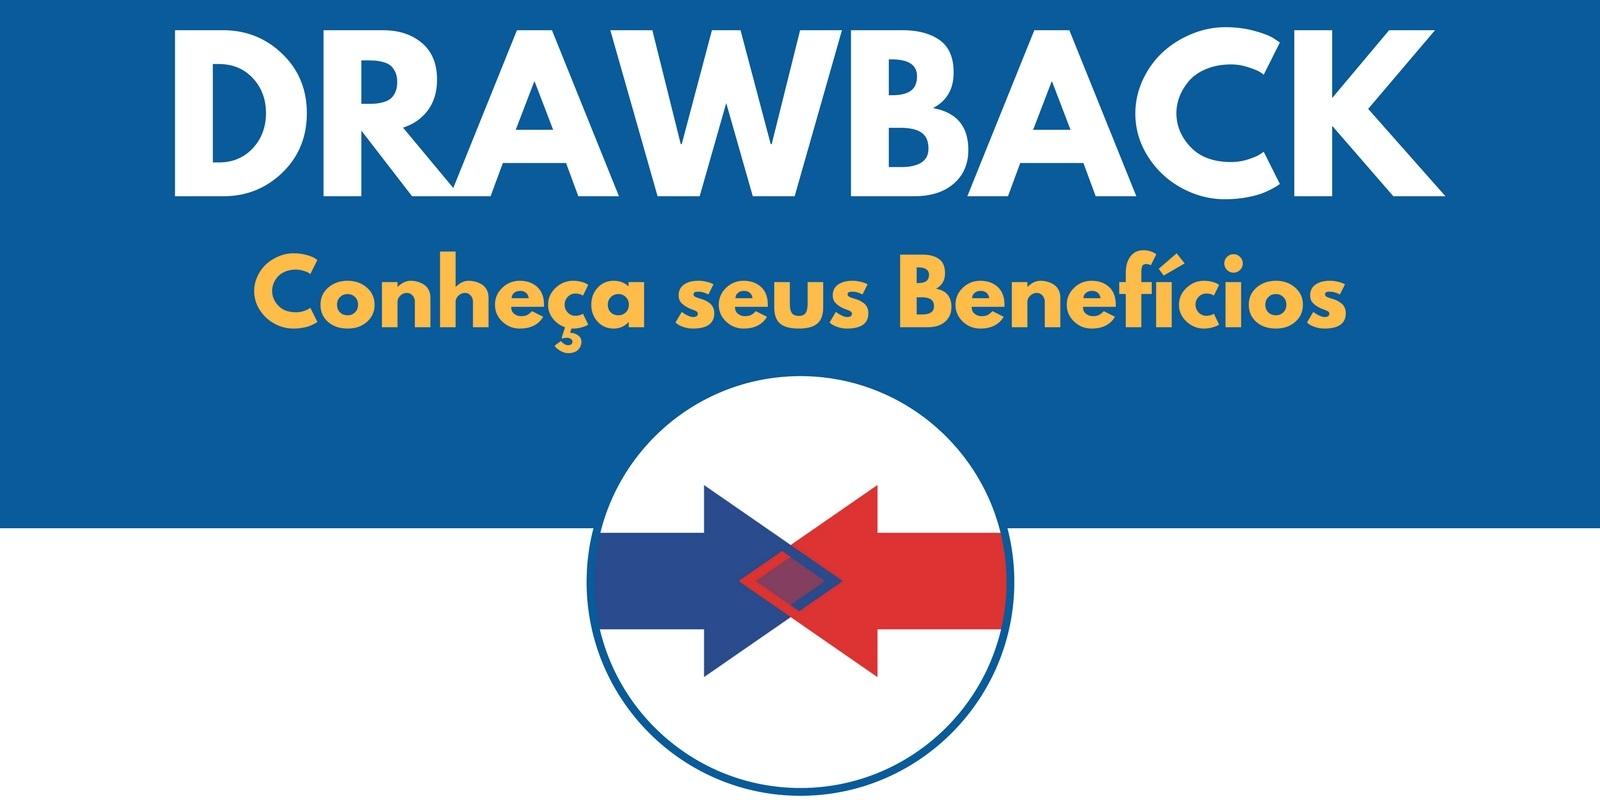 Benefícios do Drawback